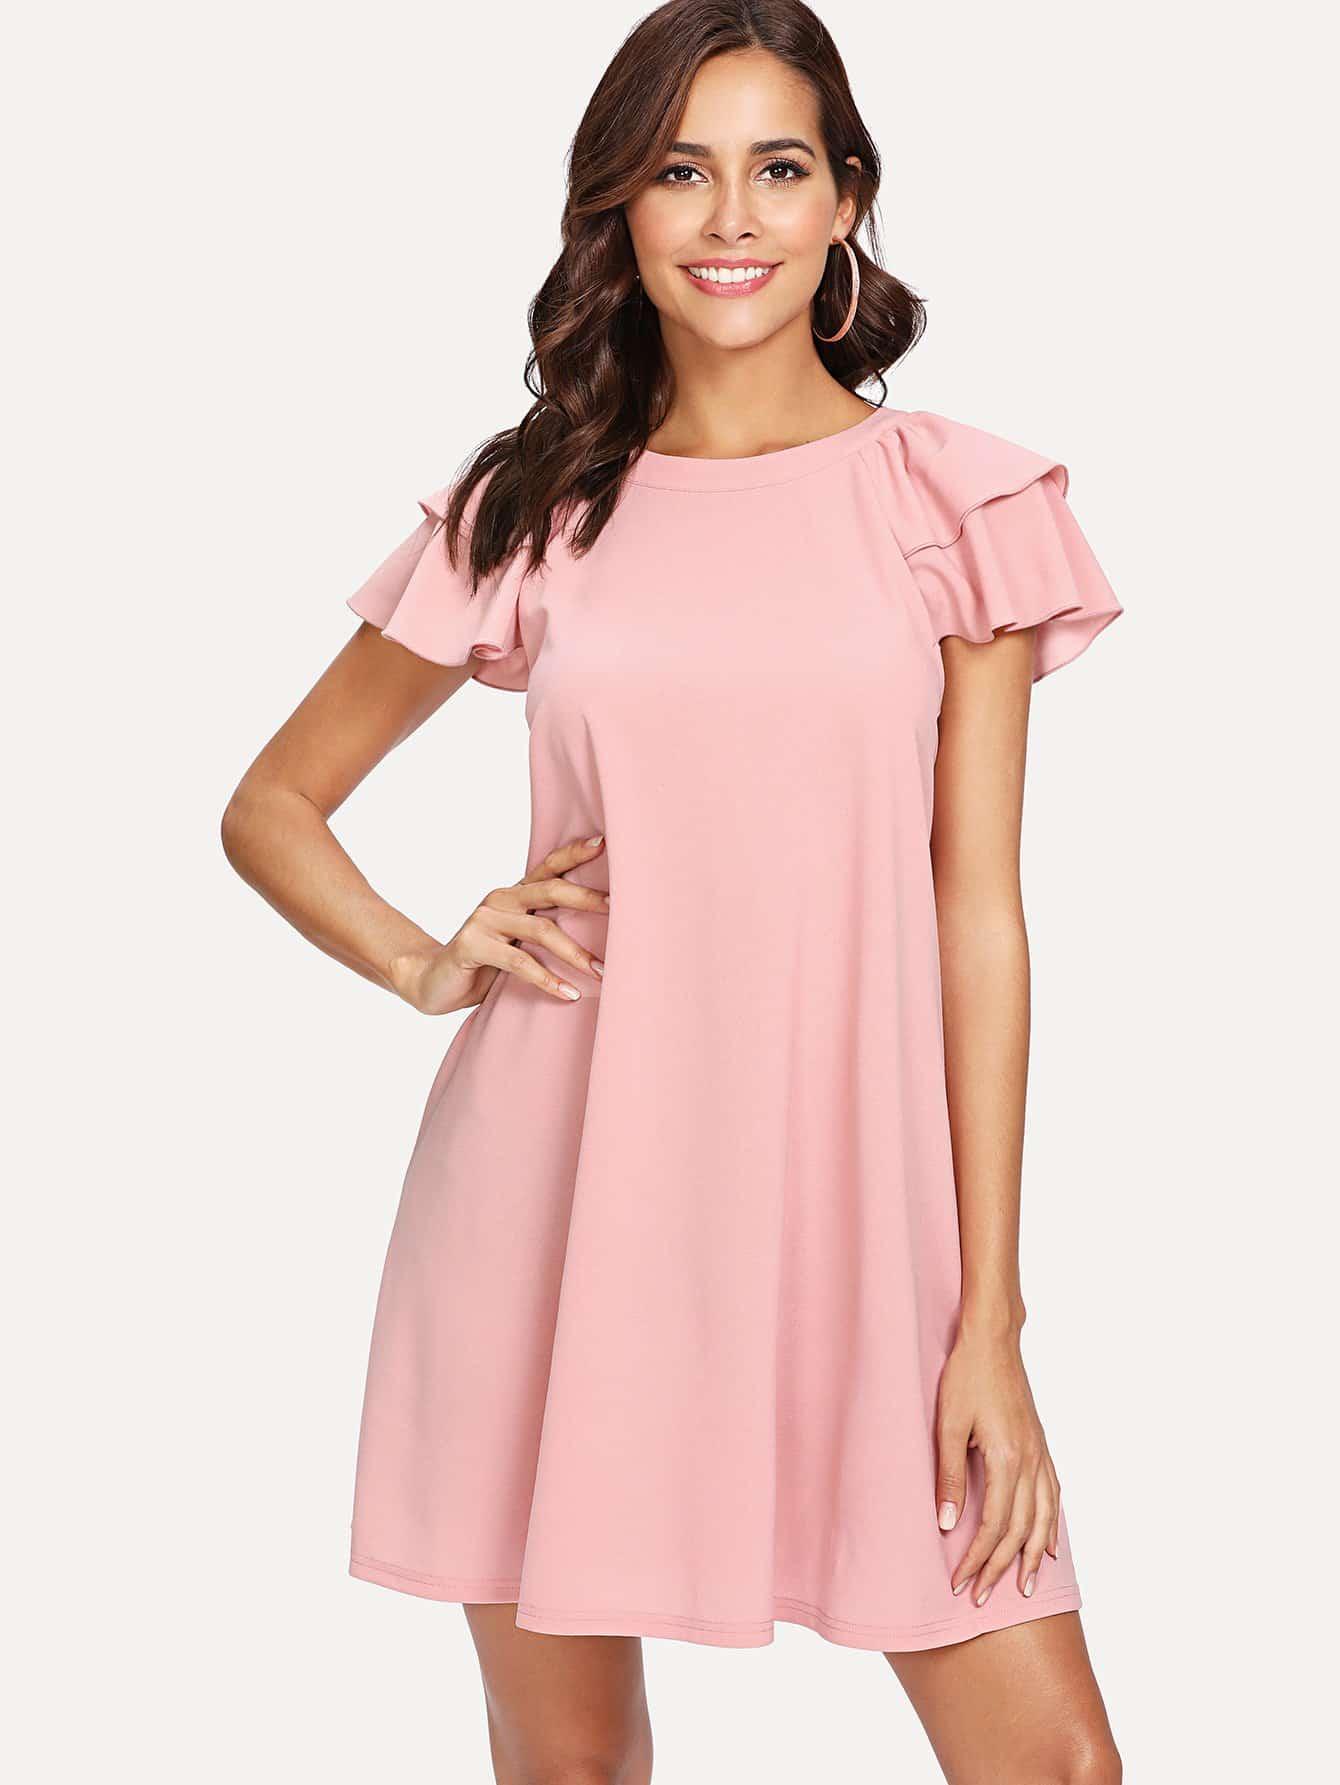 Flutter Sleeve Solid Swing Dress long sleeve solid swing dress